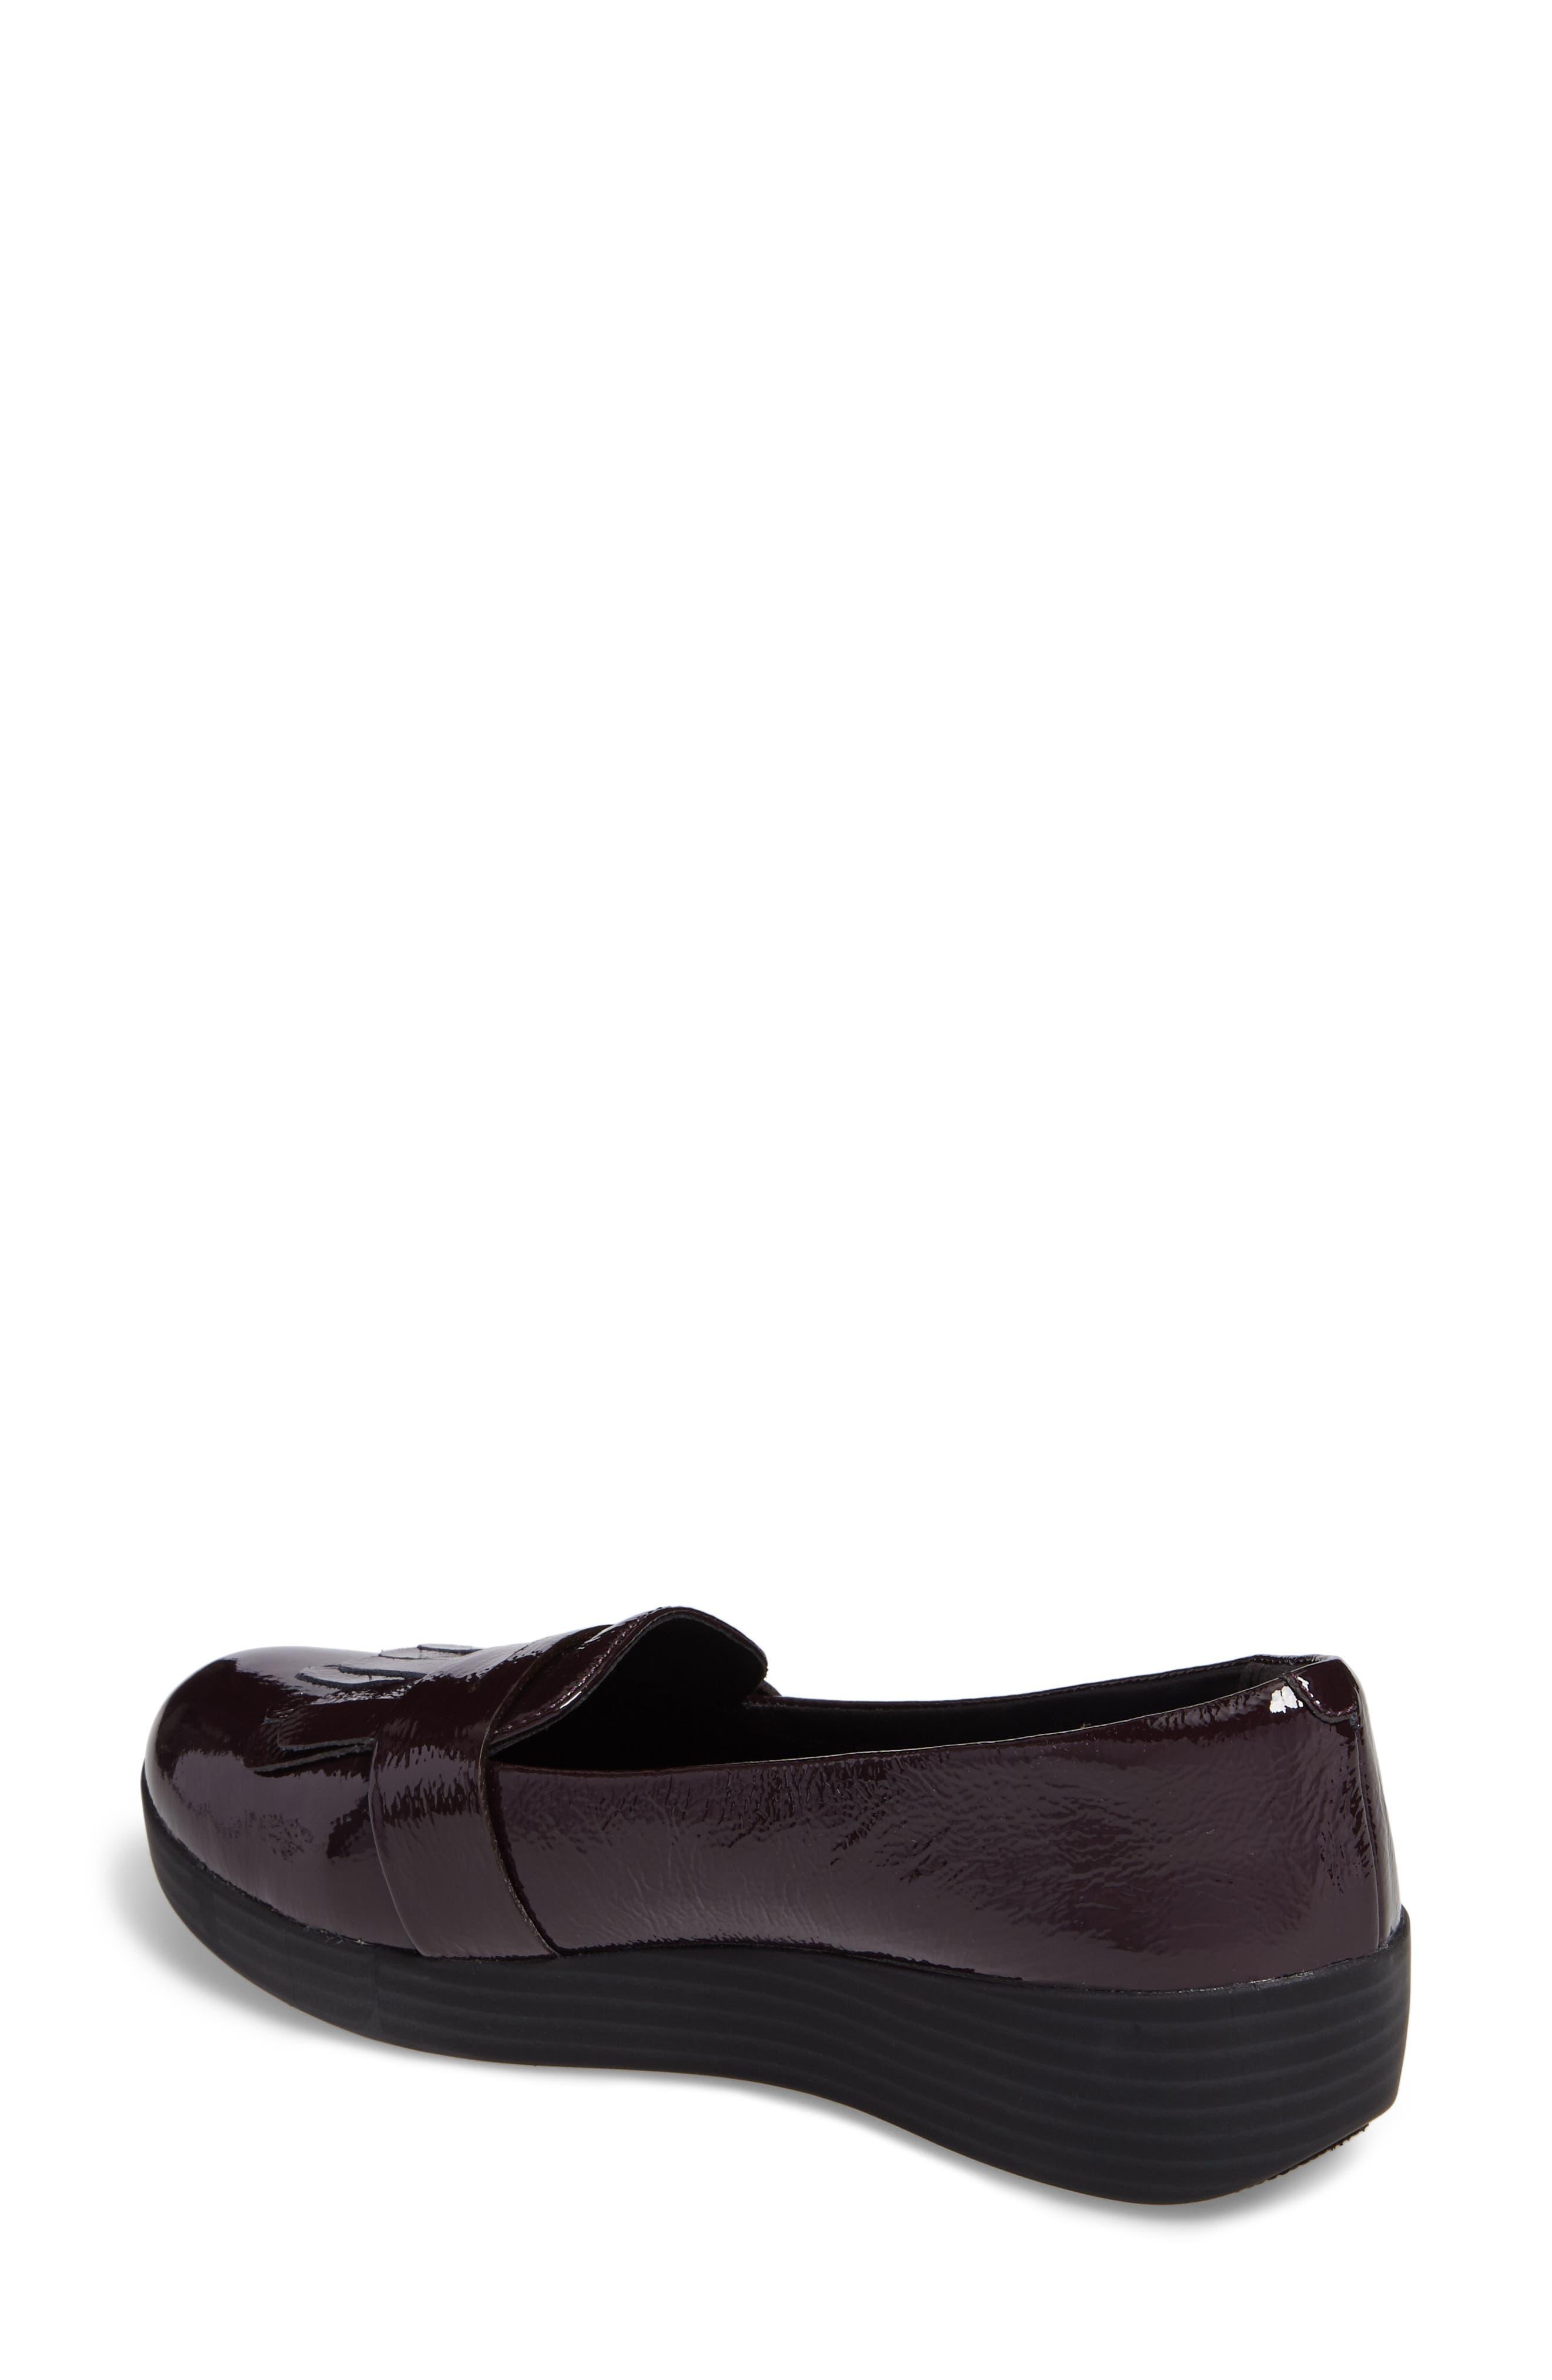 Fringey Sneakerloafer Slip-On,                             Alternate thumbnail 2, color,                             Deep Plum Leather